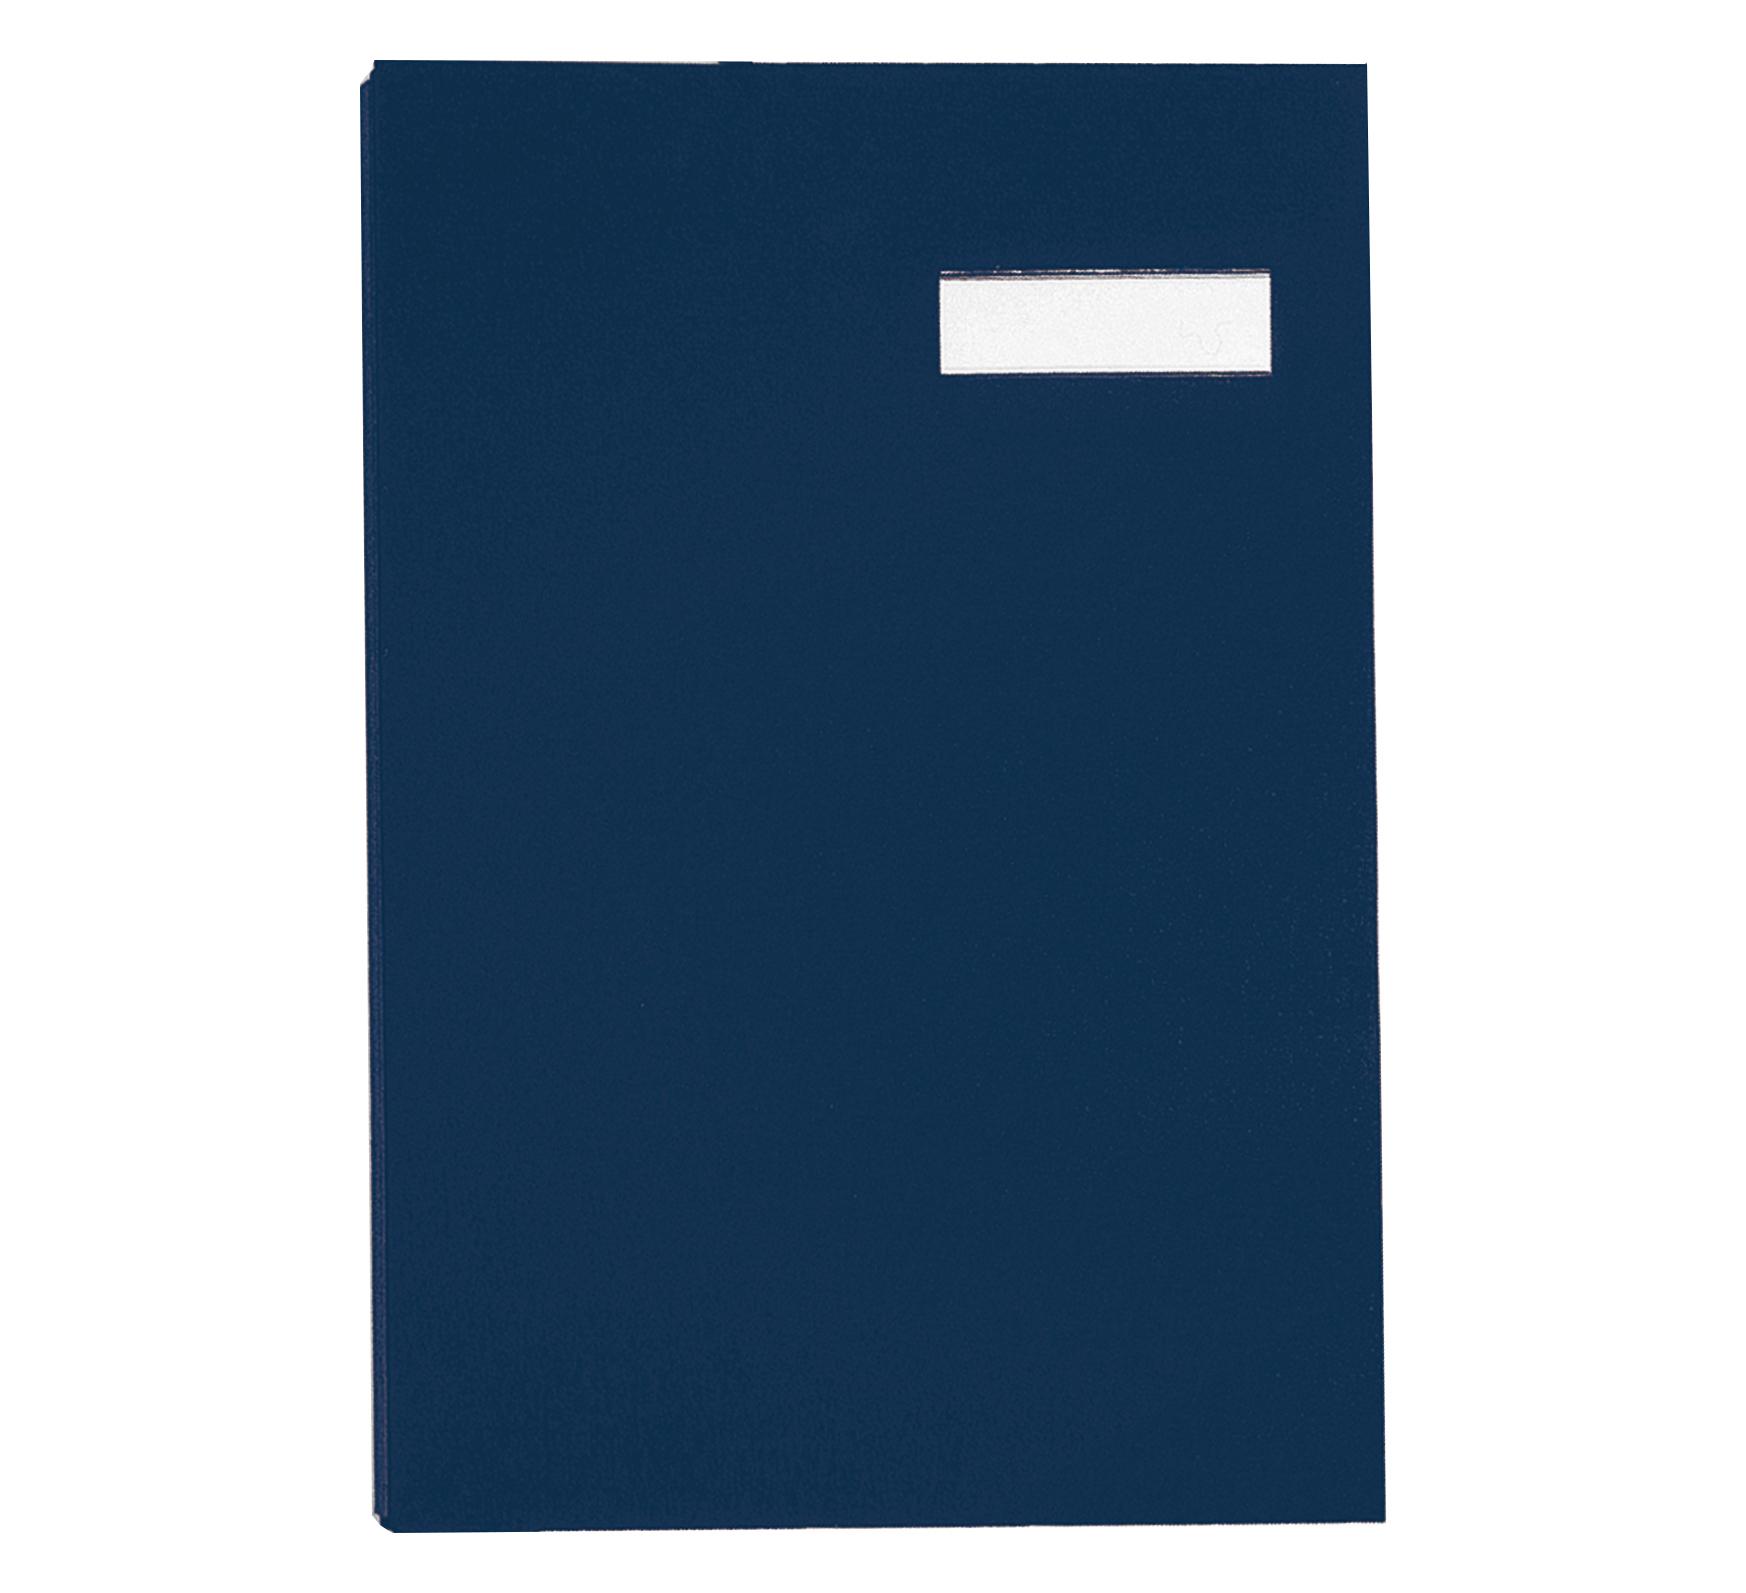 Pagna Unterschriftenmappe DIN A4 20 Fächer blau - Konventioneller Dateiordner - A4 - Pappe - Stoff - Blau - Porträt - 240 mm